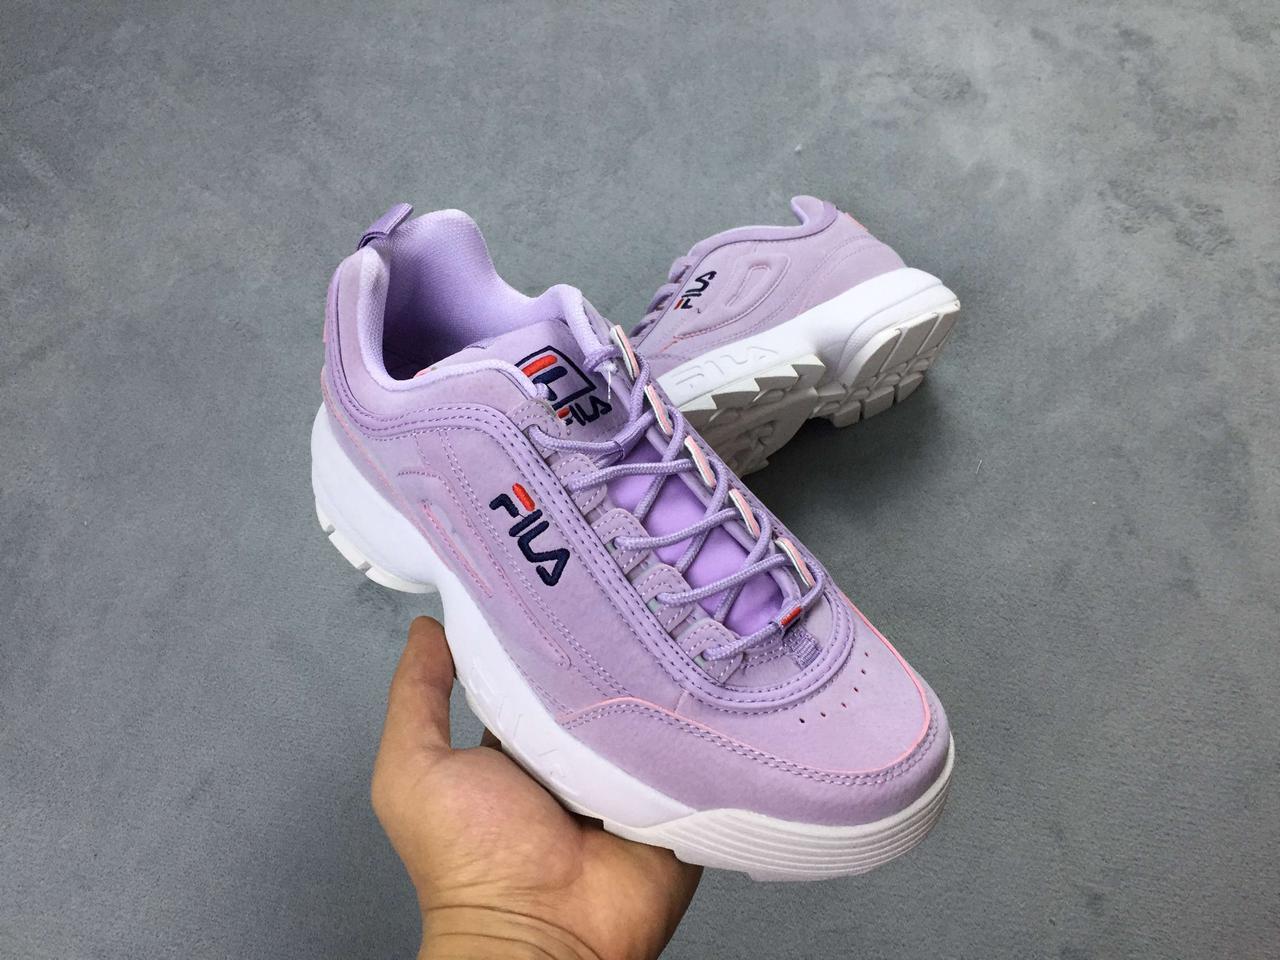 Женские кроссовки Fila Disruptor II Violet  продажа 25ec4e3afd852